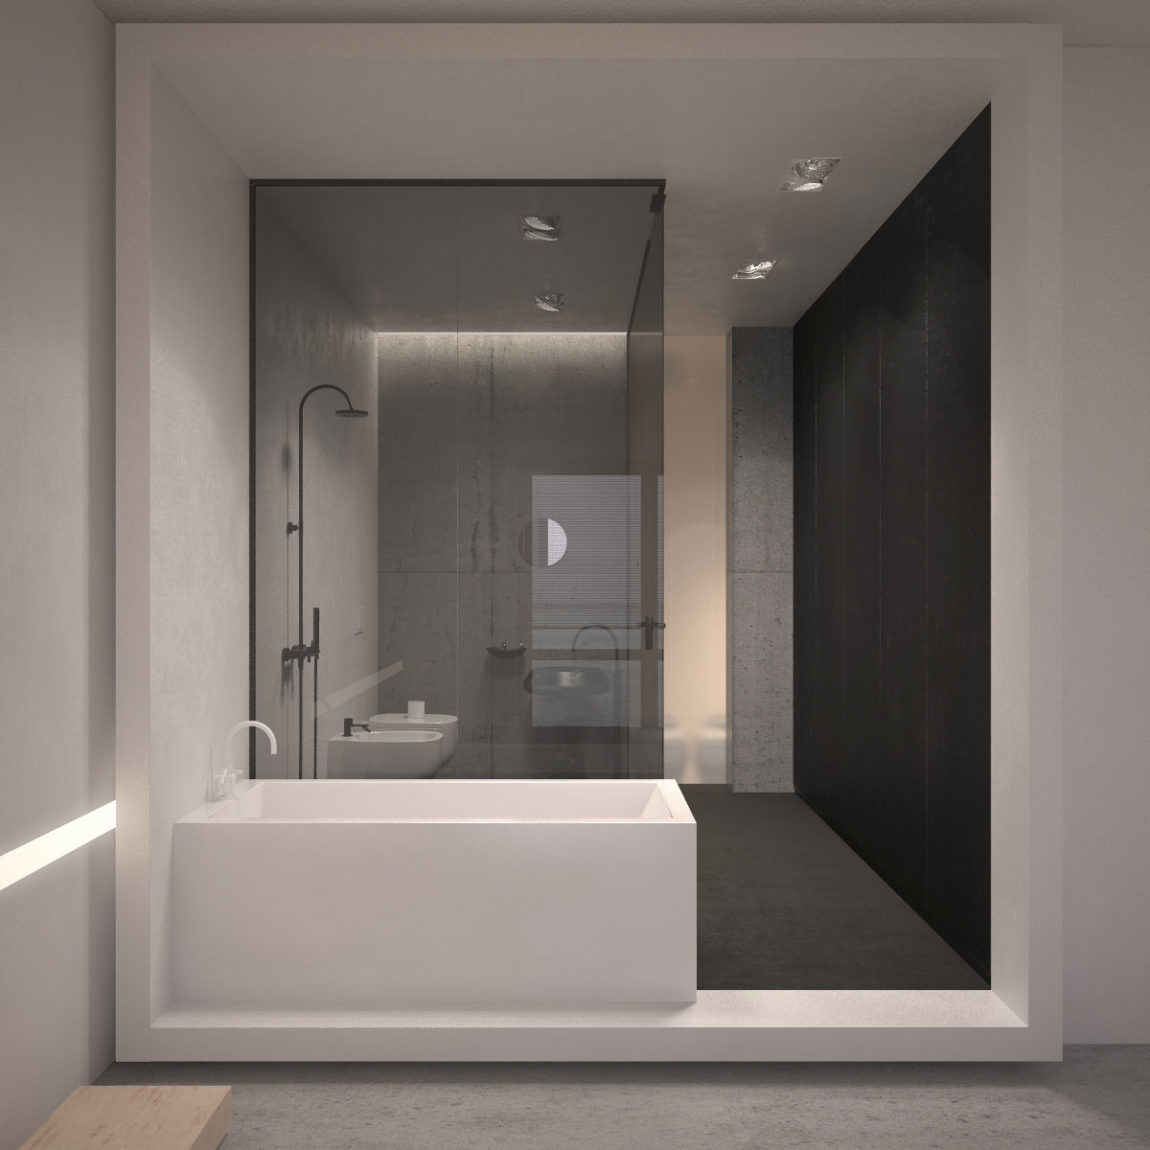 US1K1 by KDVA Architects (13)